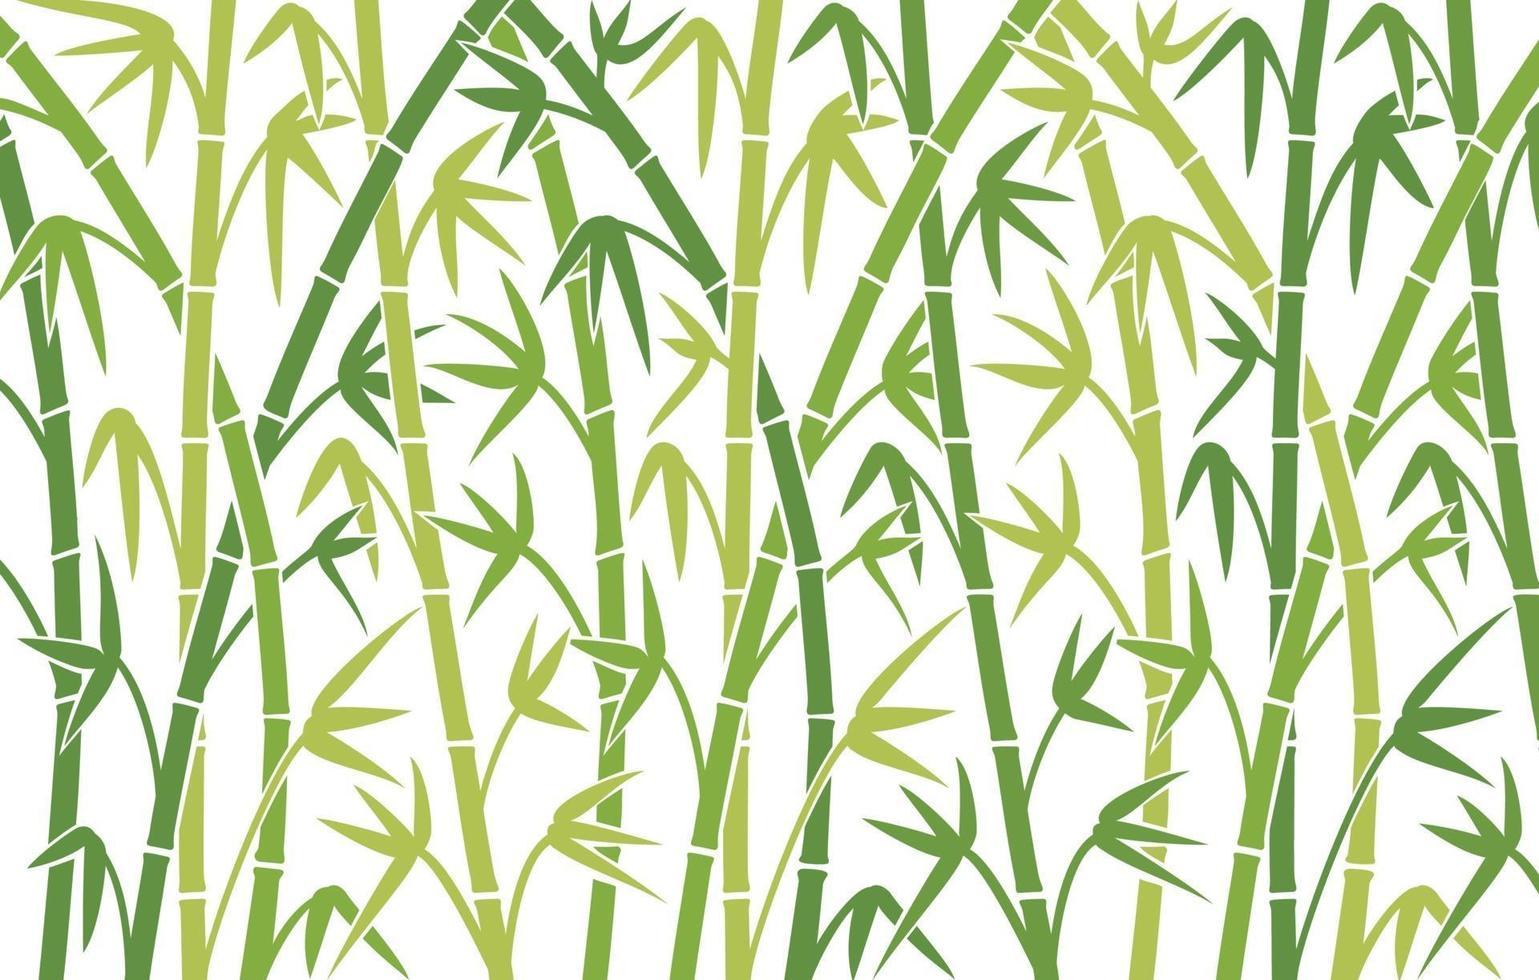 diseño de fondo de bambú vector